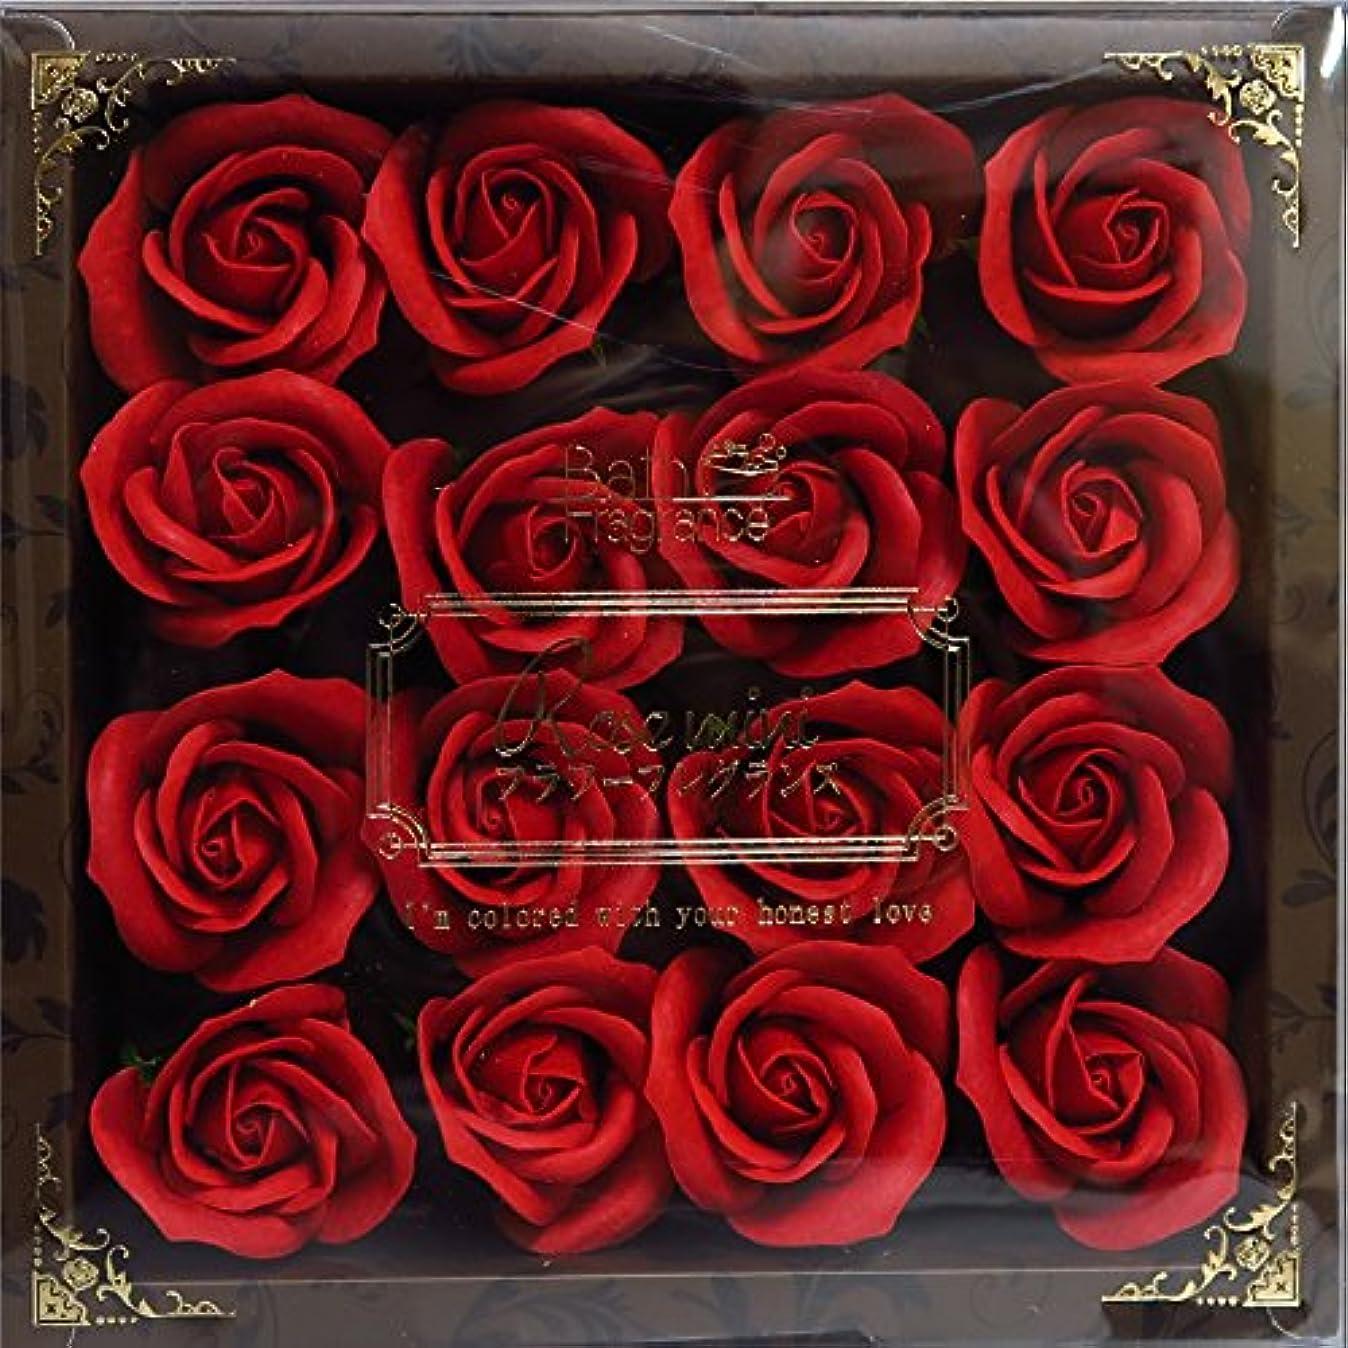 細断タイトル無効バスフレグランス バスフラワー ミニローズフレグランス(M)レッド ギフト お花の形の入浴剤 プレゼント ばら